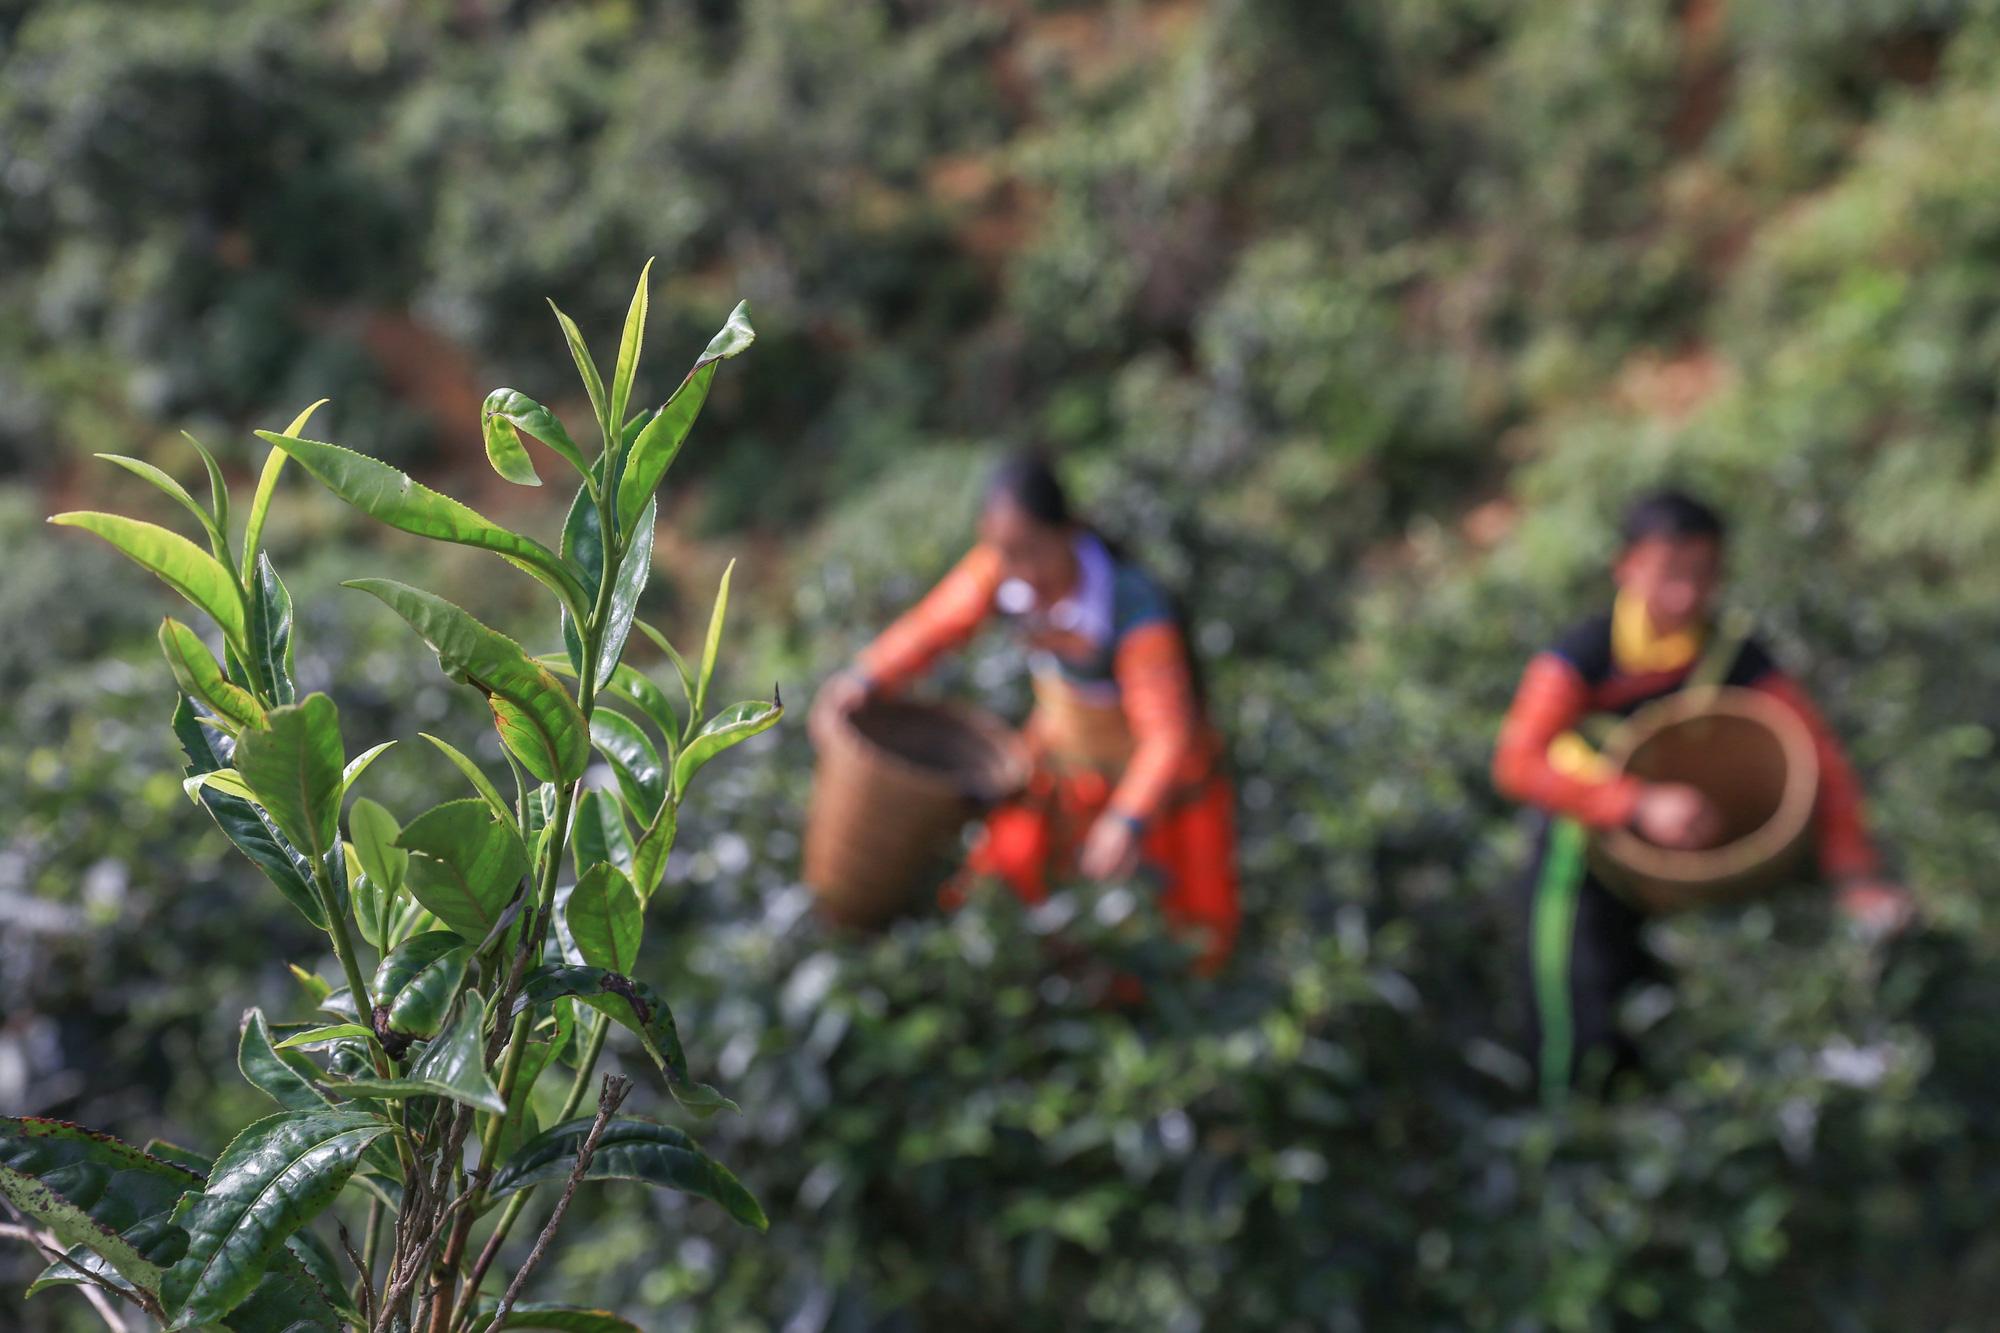 Công việc hái chè là công việc theo mùa vụ, chỉ có mùa xuân và mùa thu, và đây là công việc được coi là khó khăn và hiểm trở nhất trong các công đoạn sản xuất trà.